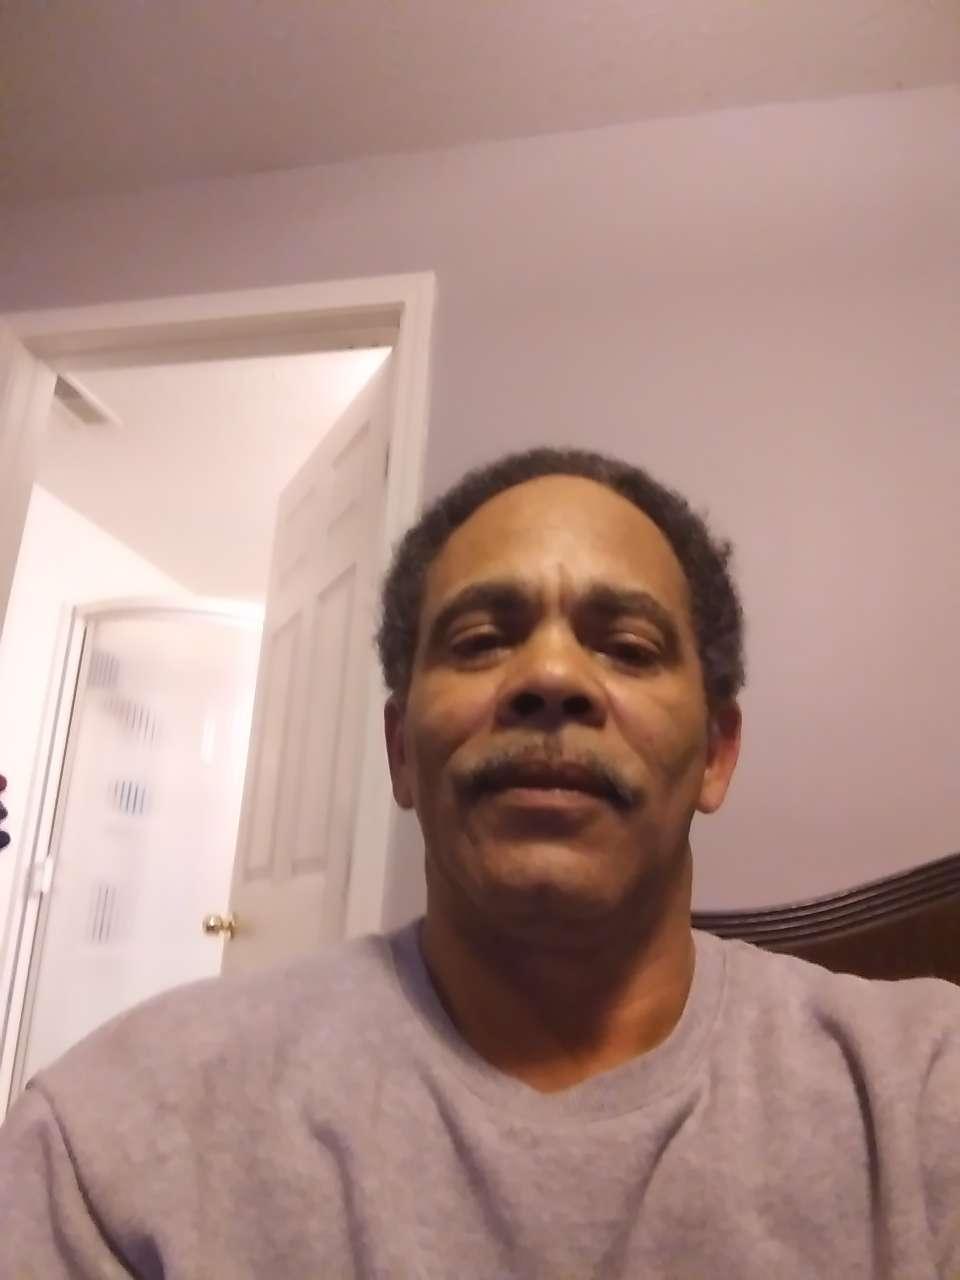 Robert Almestica's Profile Picture